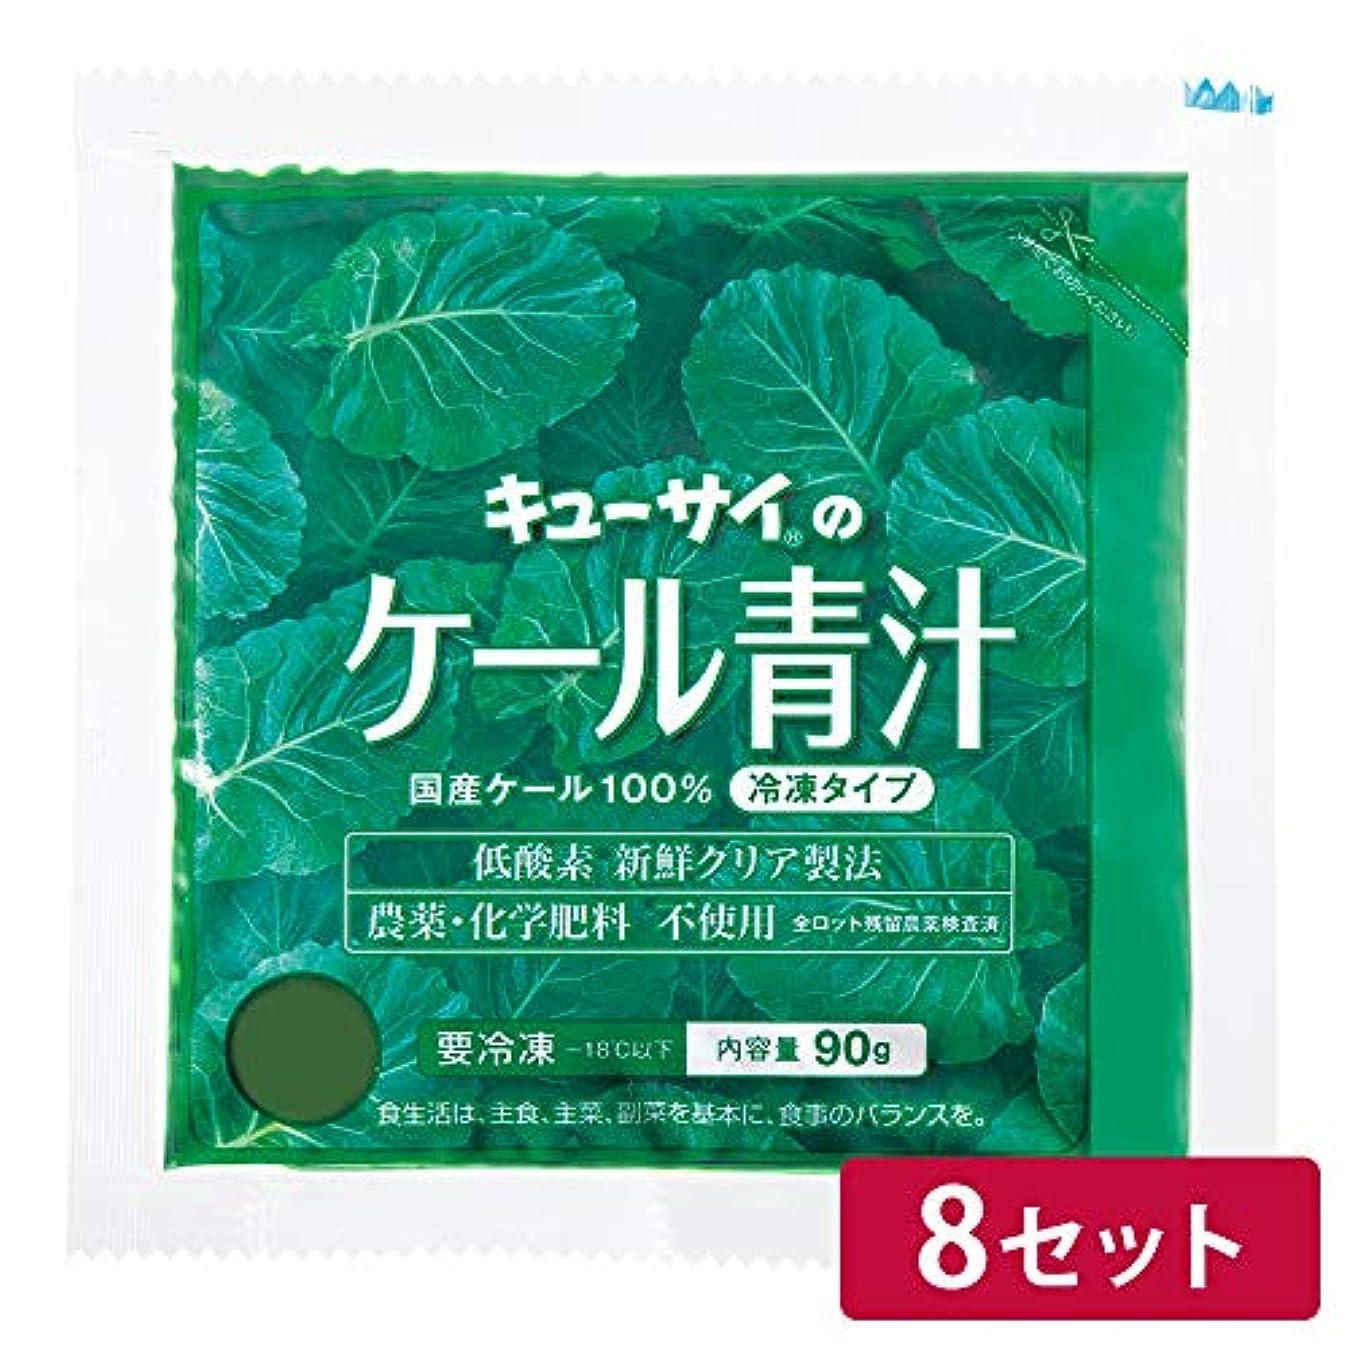 率直な豊富なパトロールキューサイ 青汁(冷凍タイプ)8セット/(90g×7袋)×8 国産ケール100%青汁